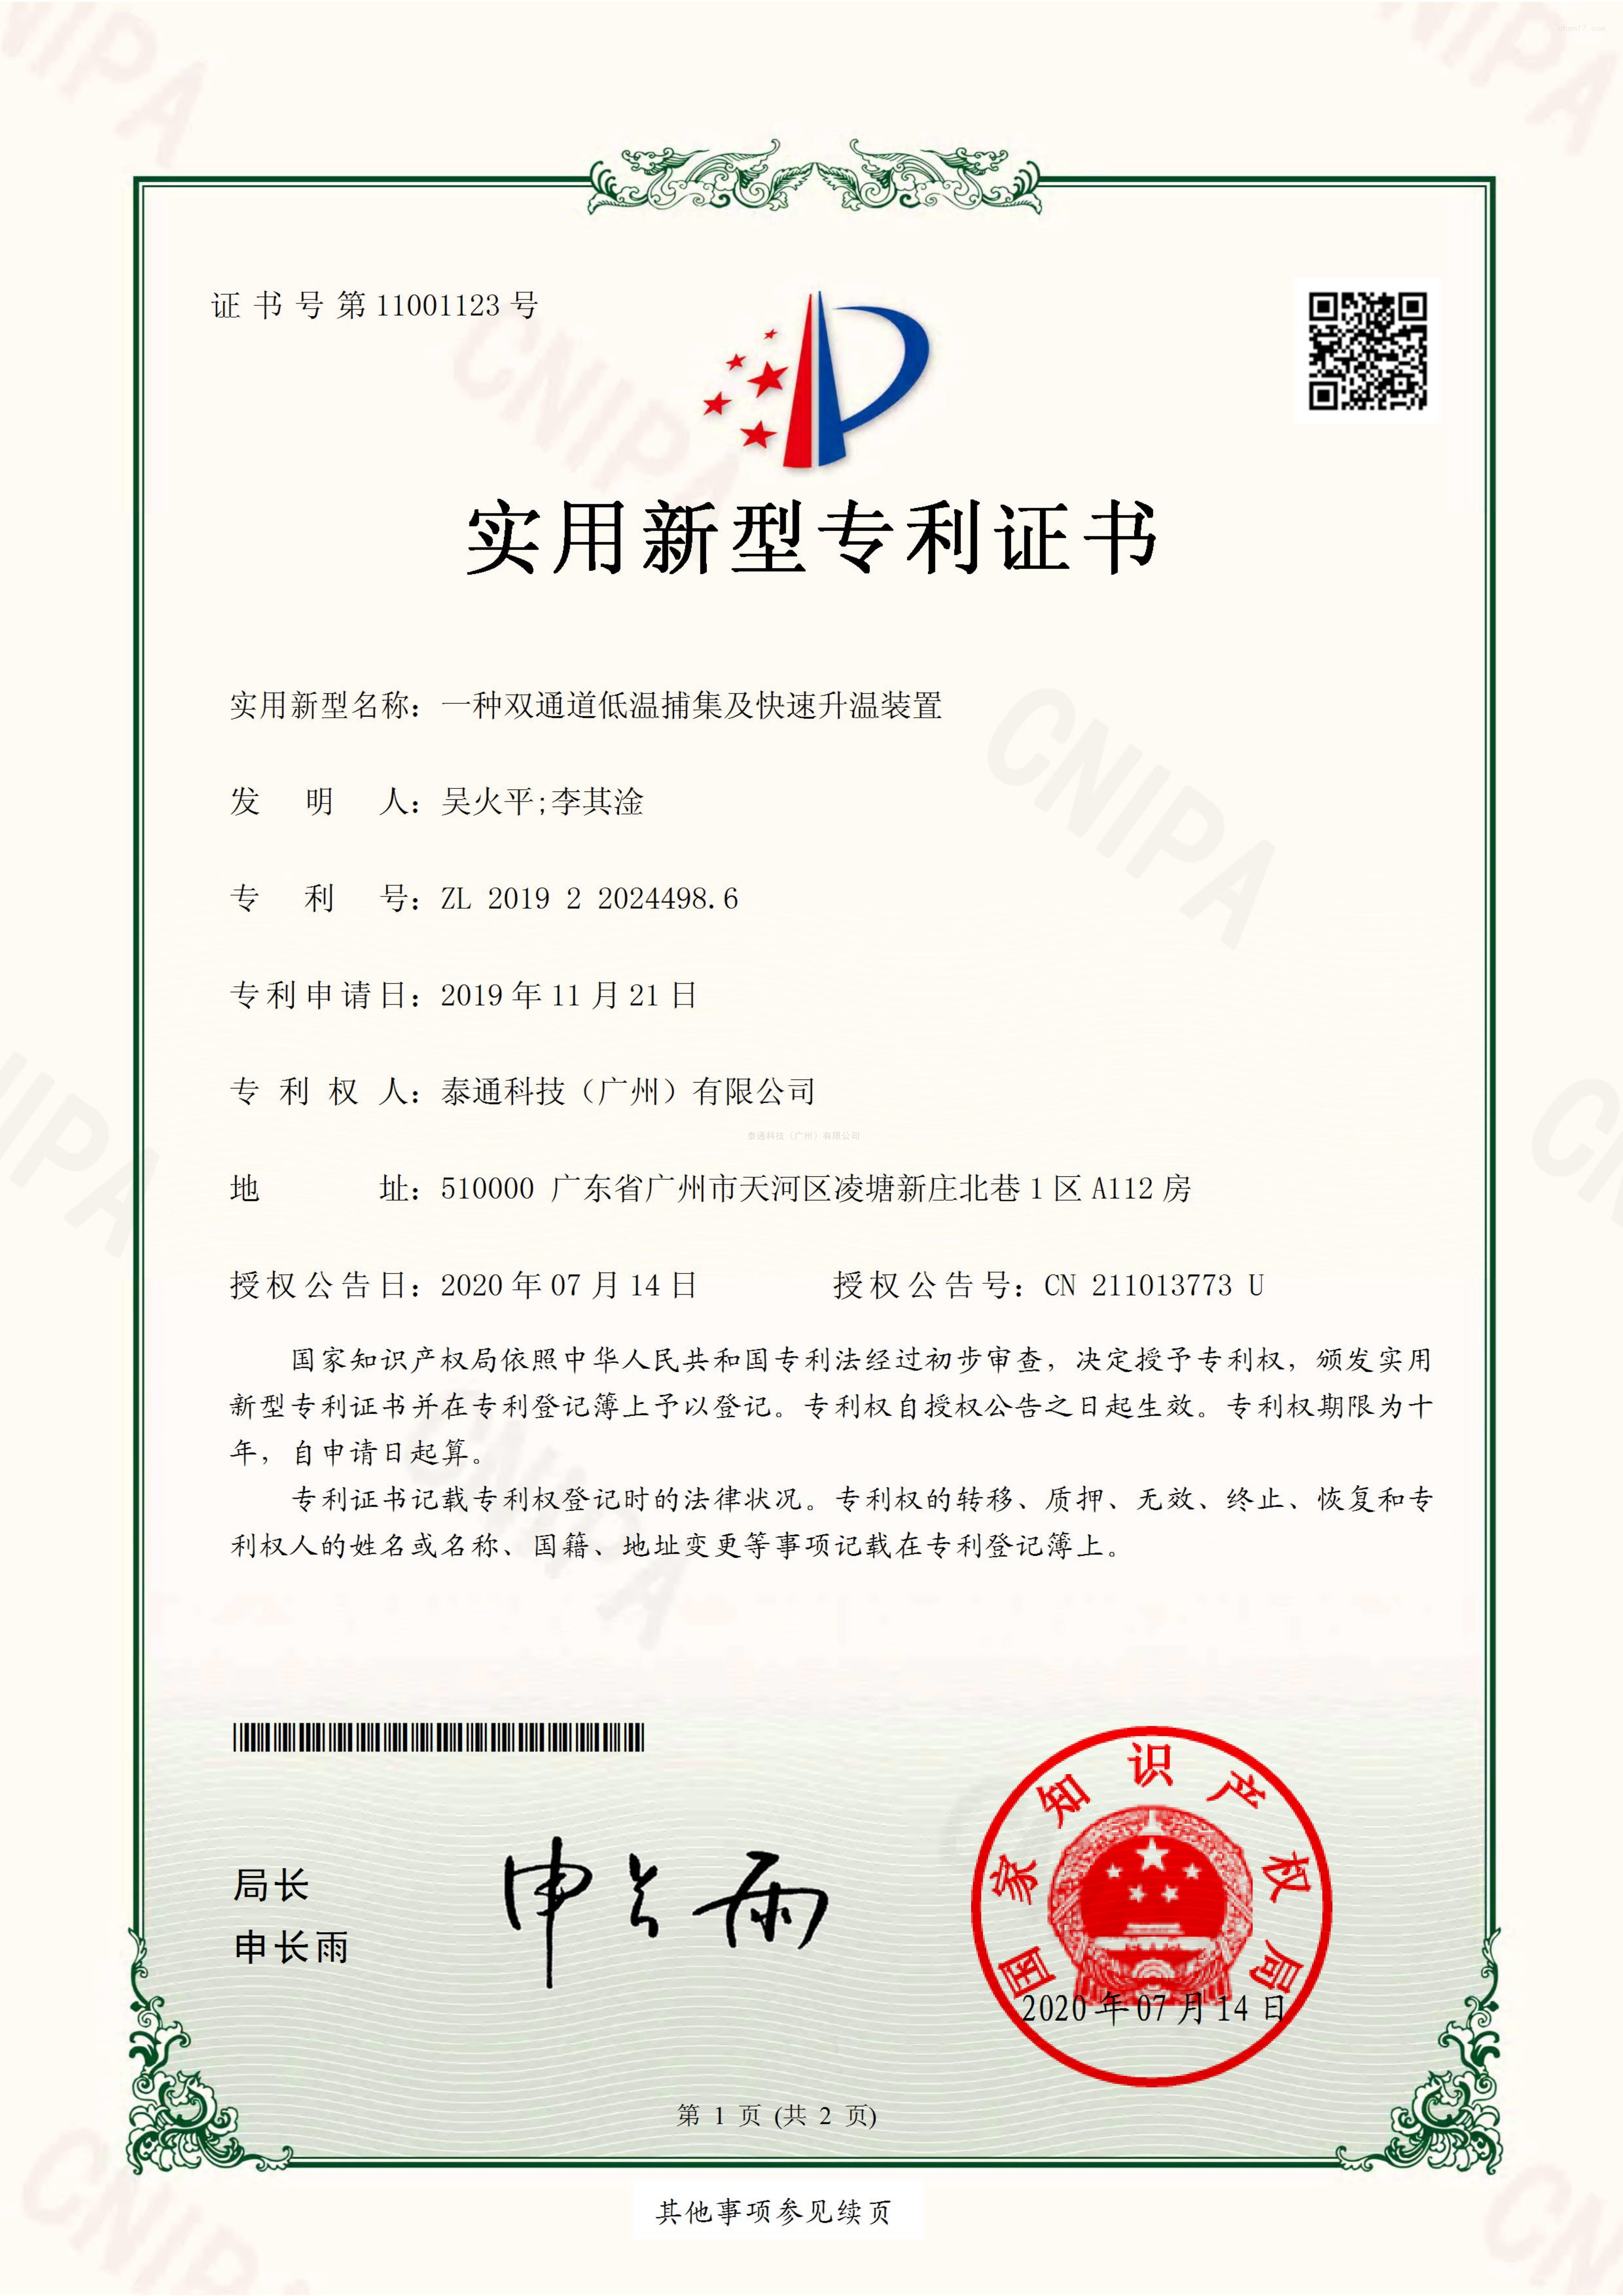 实用新型证书-一种双通道低温捕集及快速升温装置证书